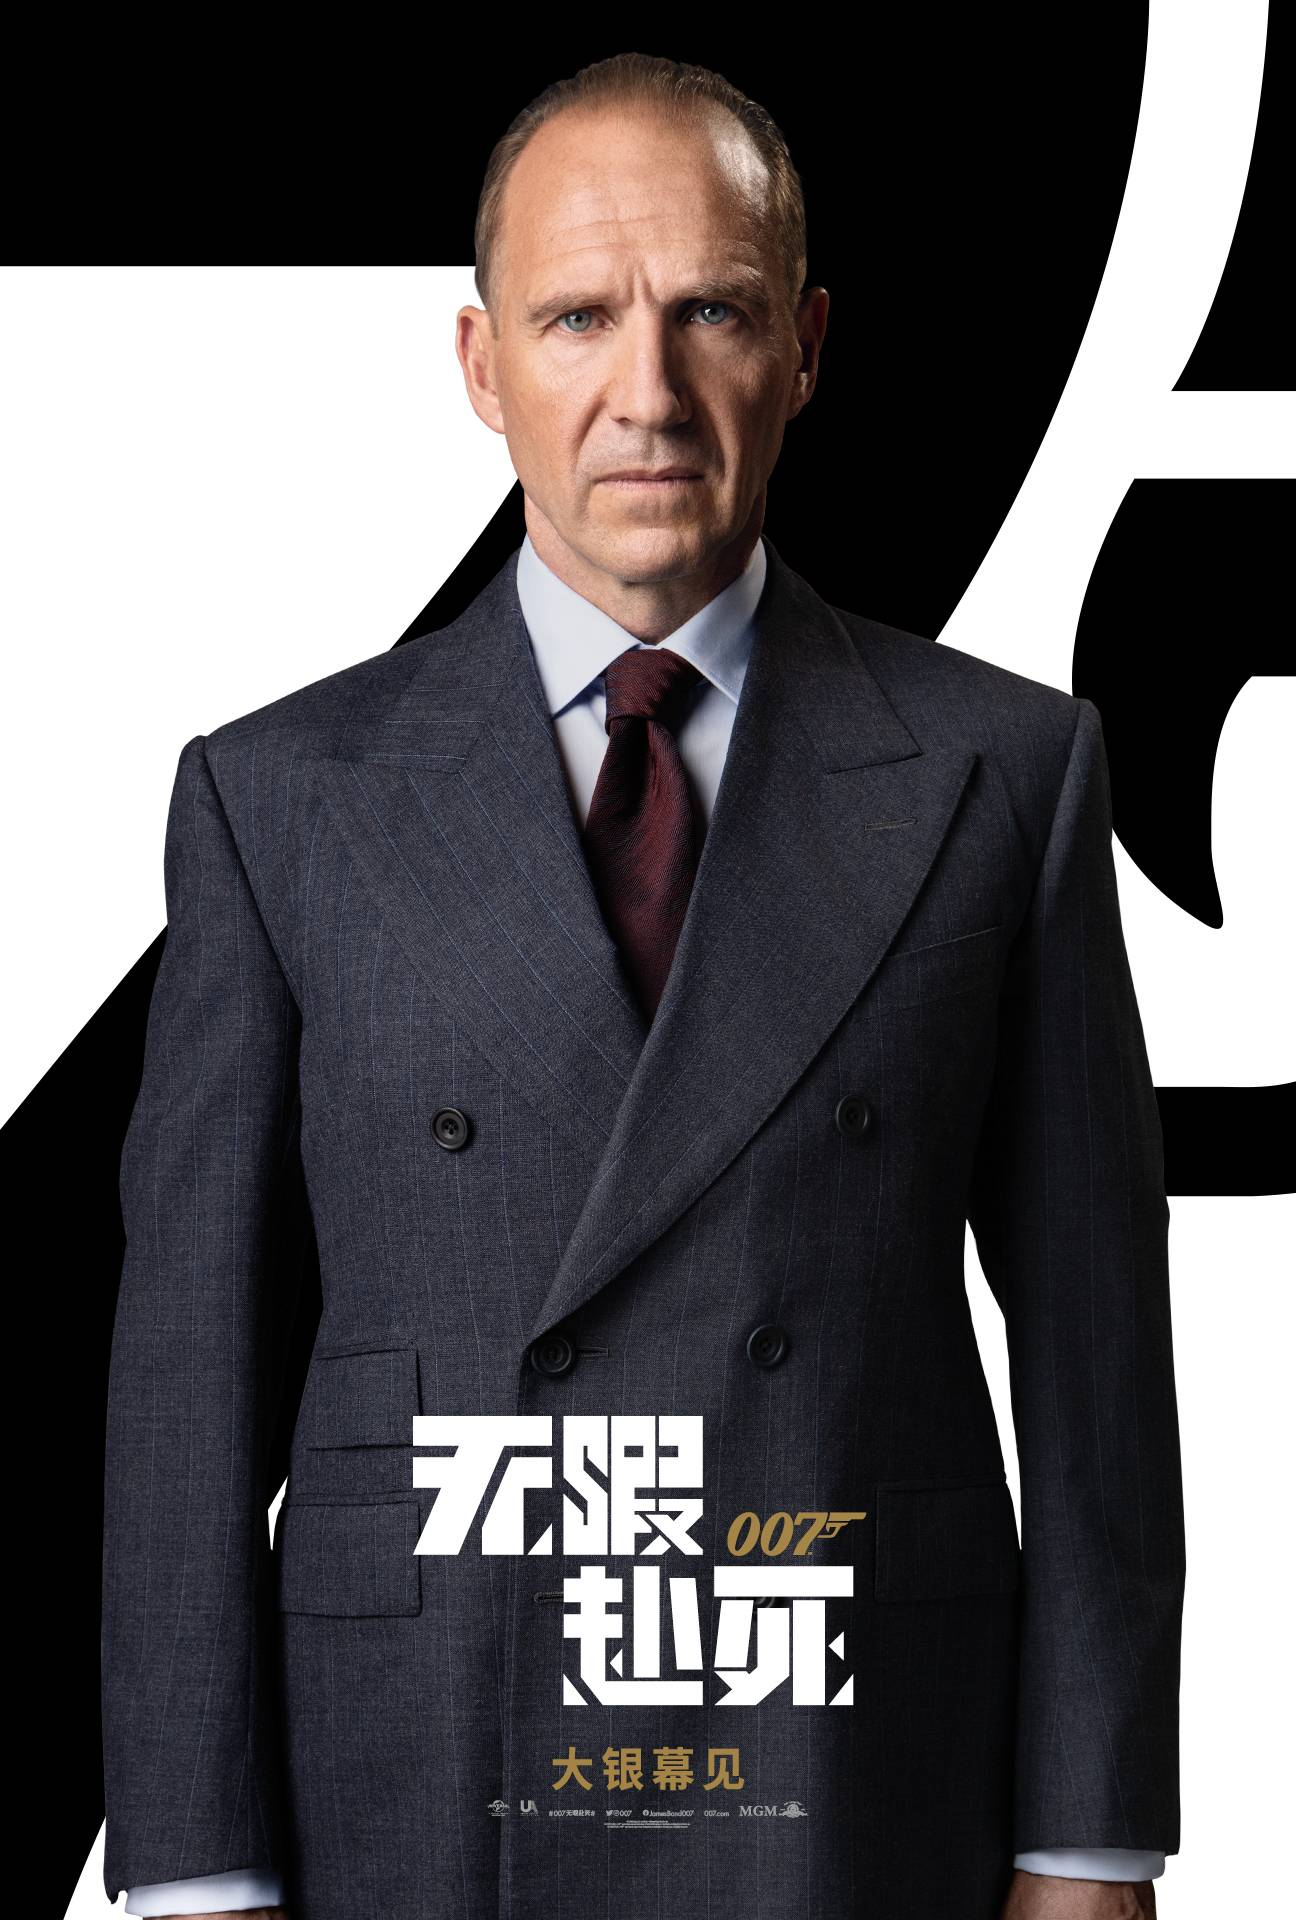 【007无暇赴死】电影百度云资源「HD1080p高清中字」